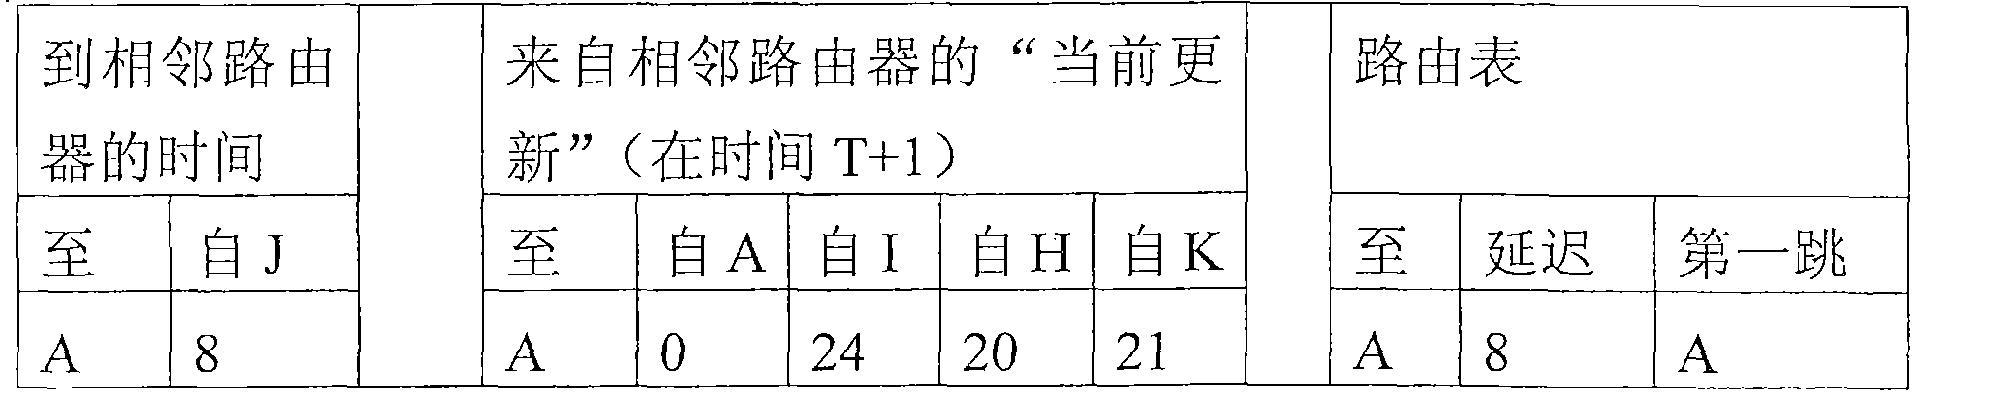 Figure CN1989745BD00112